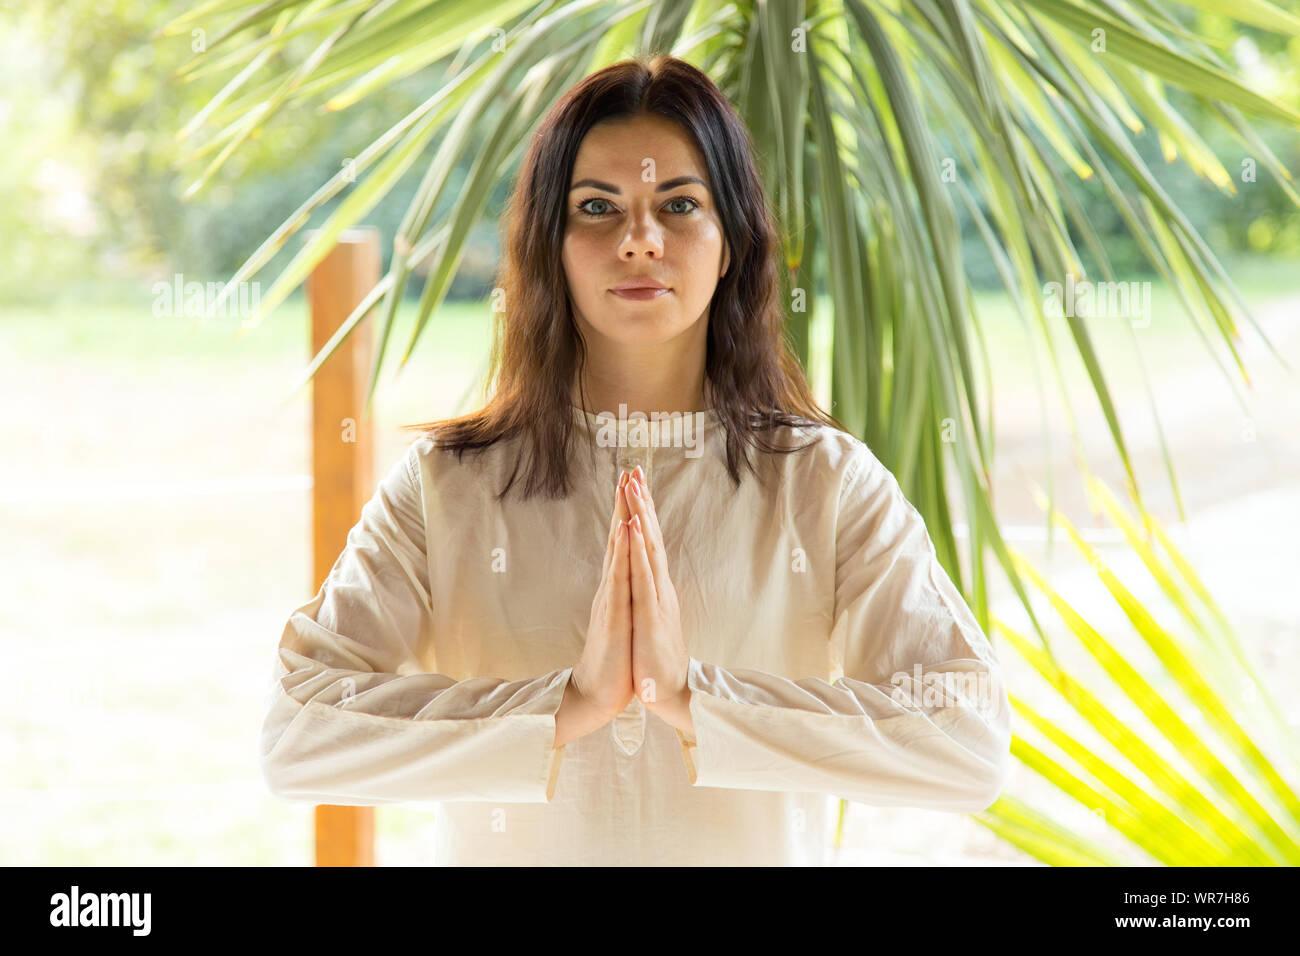 Mujer morena medita sobre la naturaleza de fondo. Ejercicios de yoga en el retiro. Foto de stock